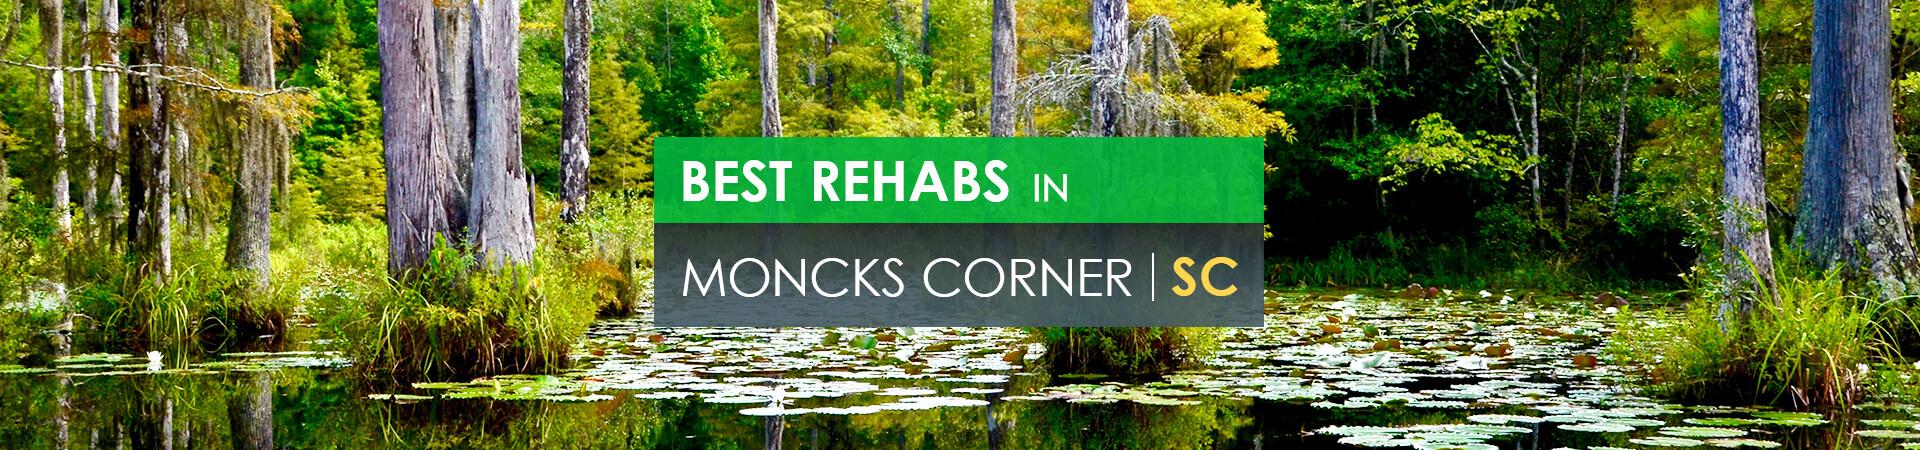 Best rehabs in Moncks Corner, SC